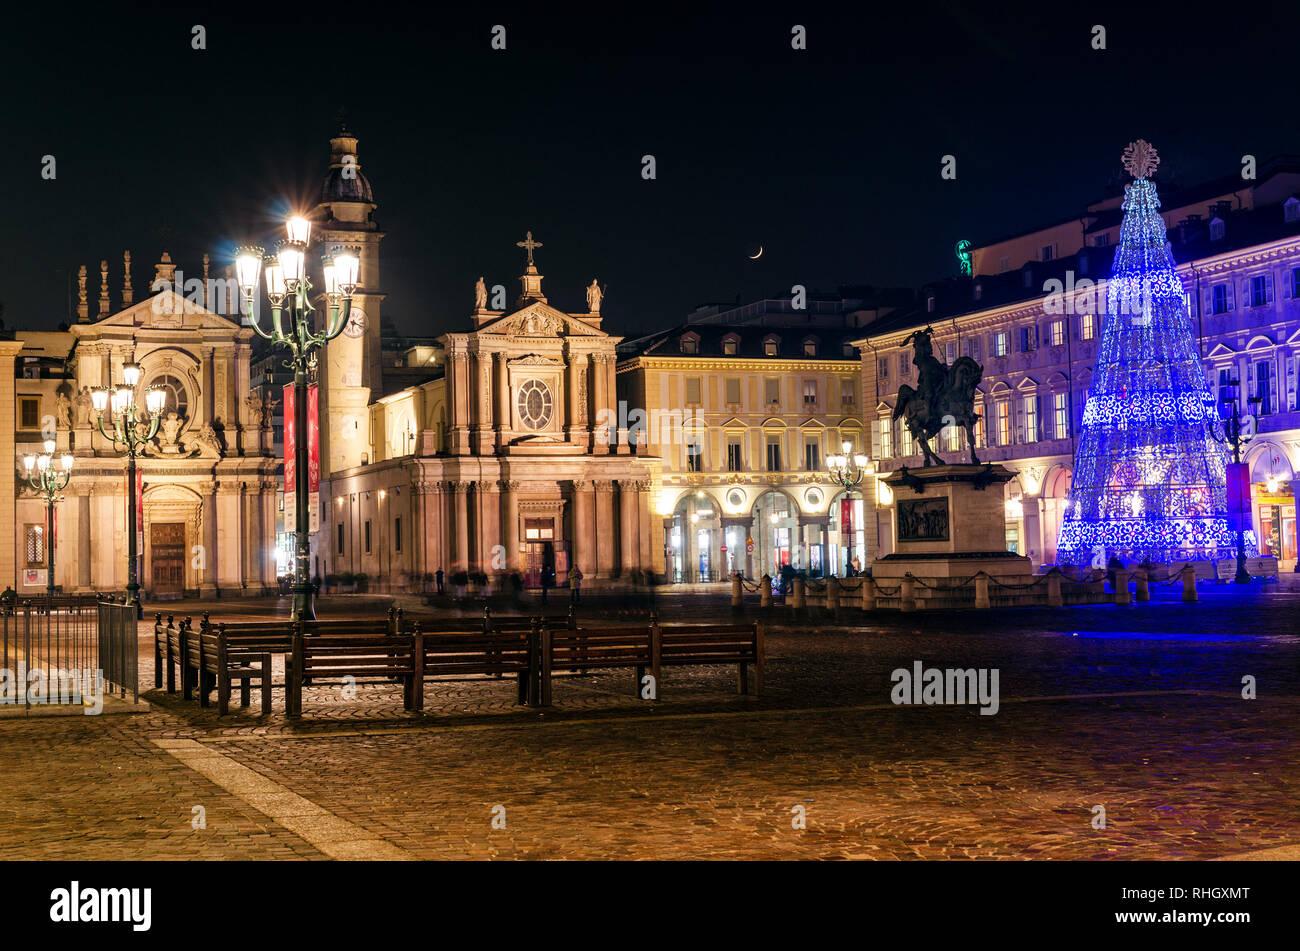 Torino l'elegante Piazza San Carlo nel centro della città al chiaro di luna Foto Stock